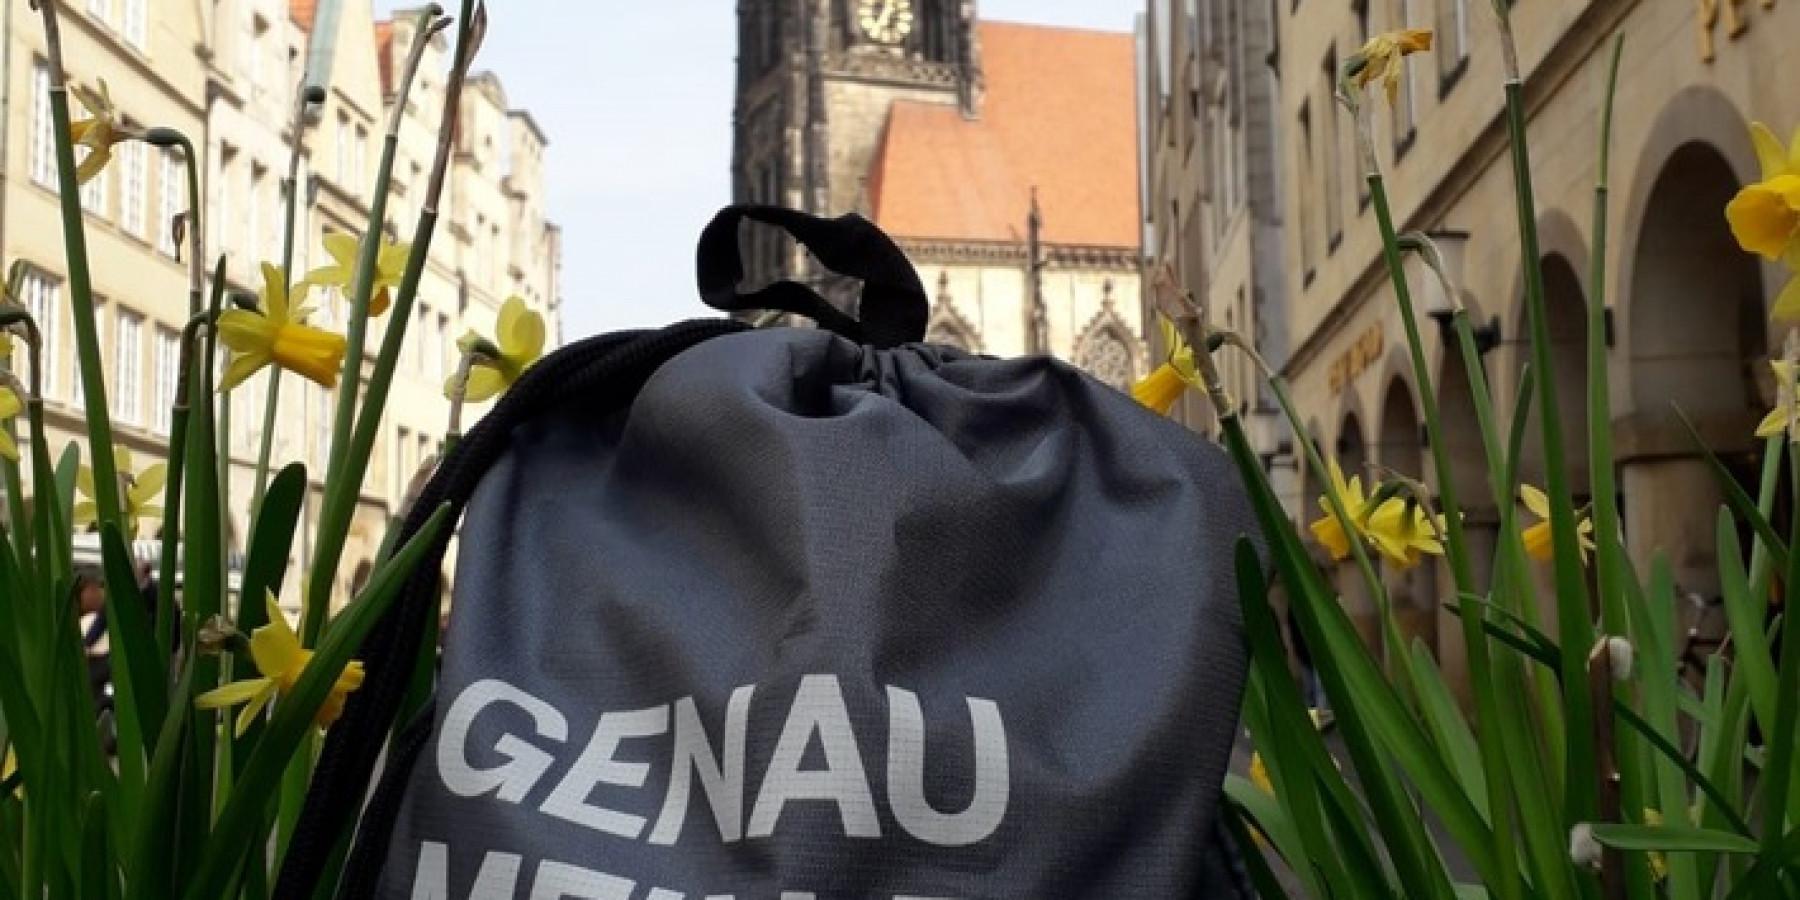 Informationsveranstaltung der Polizei NRW zum Polizeiberuf am 17. Februar